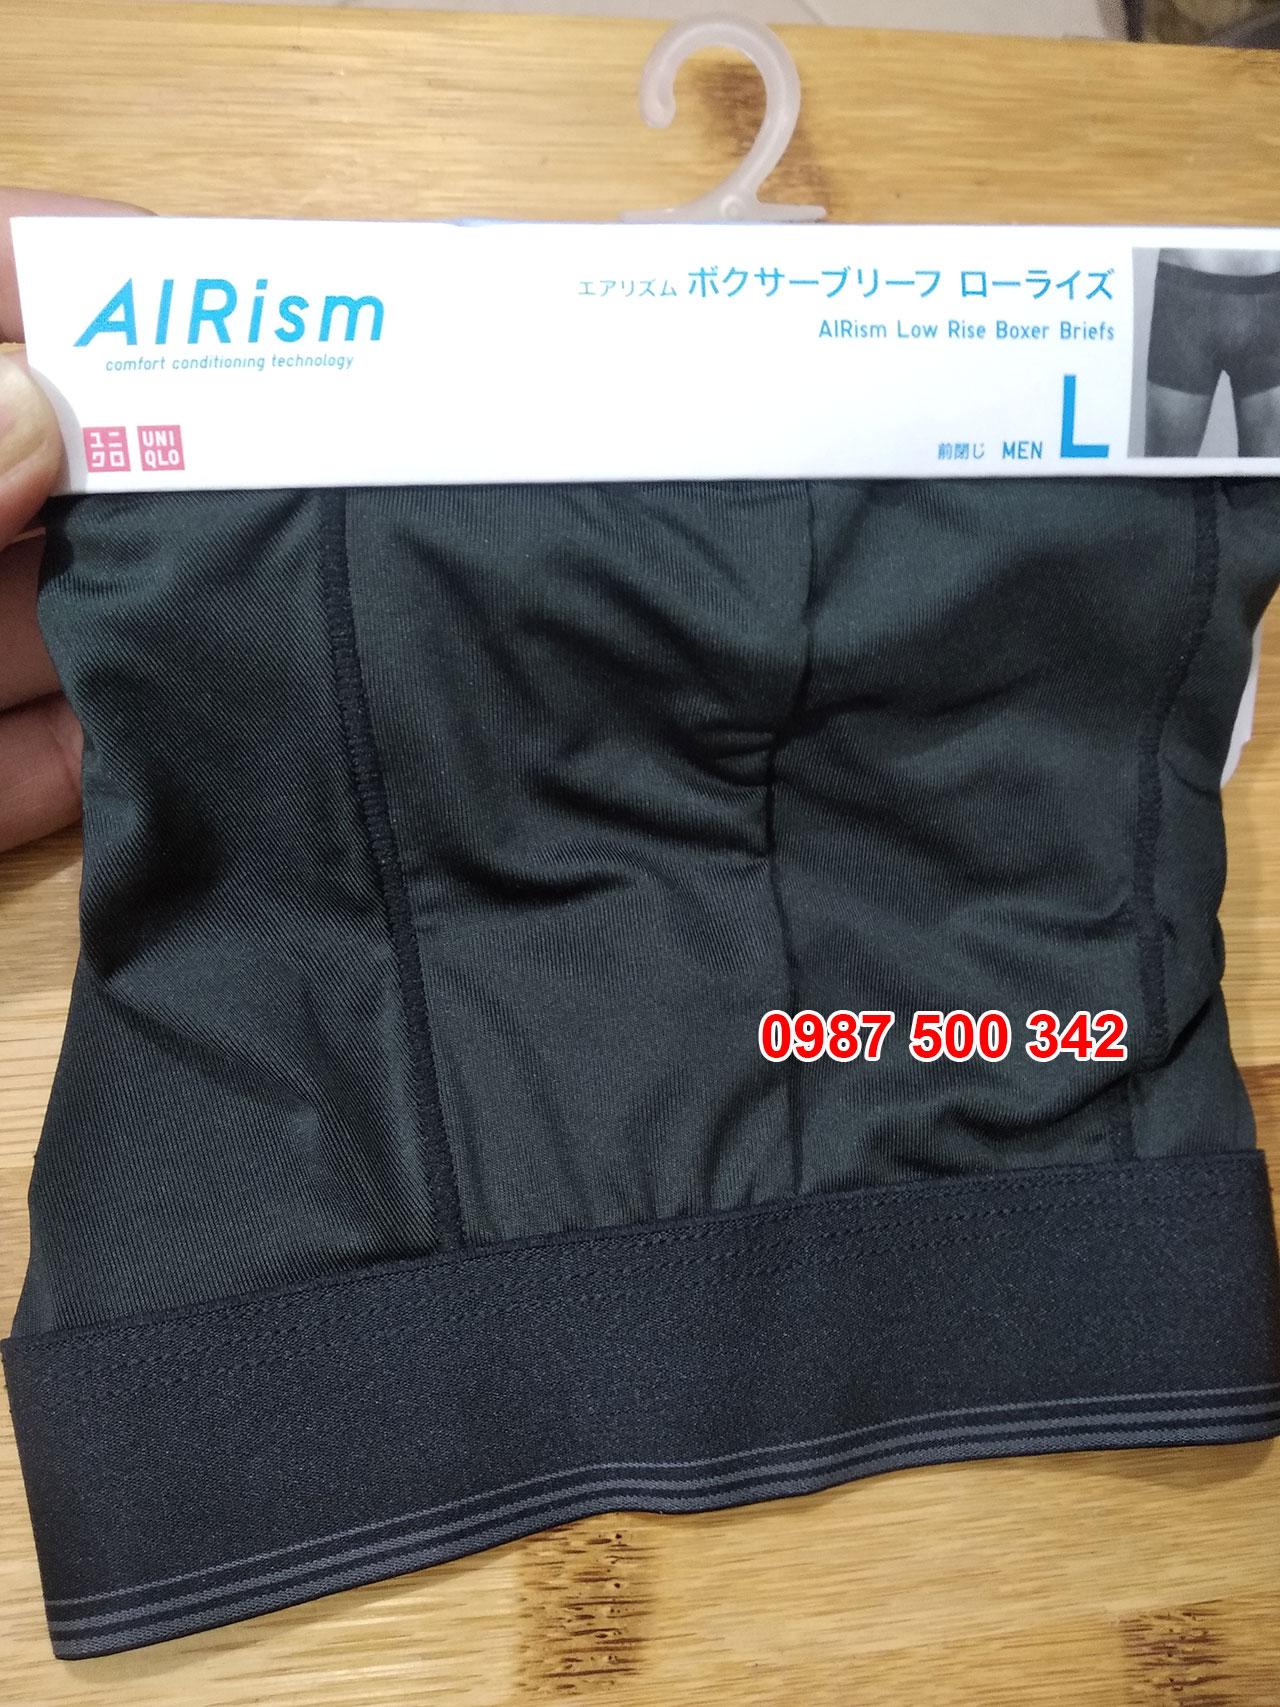 Ảnh thật quần lót nam Uniqlo AiRism vải trơn màu đen